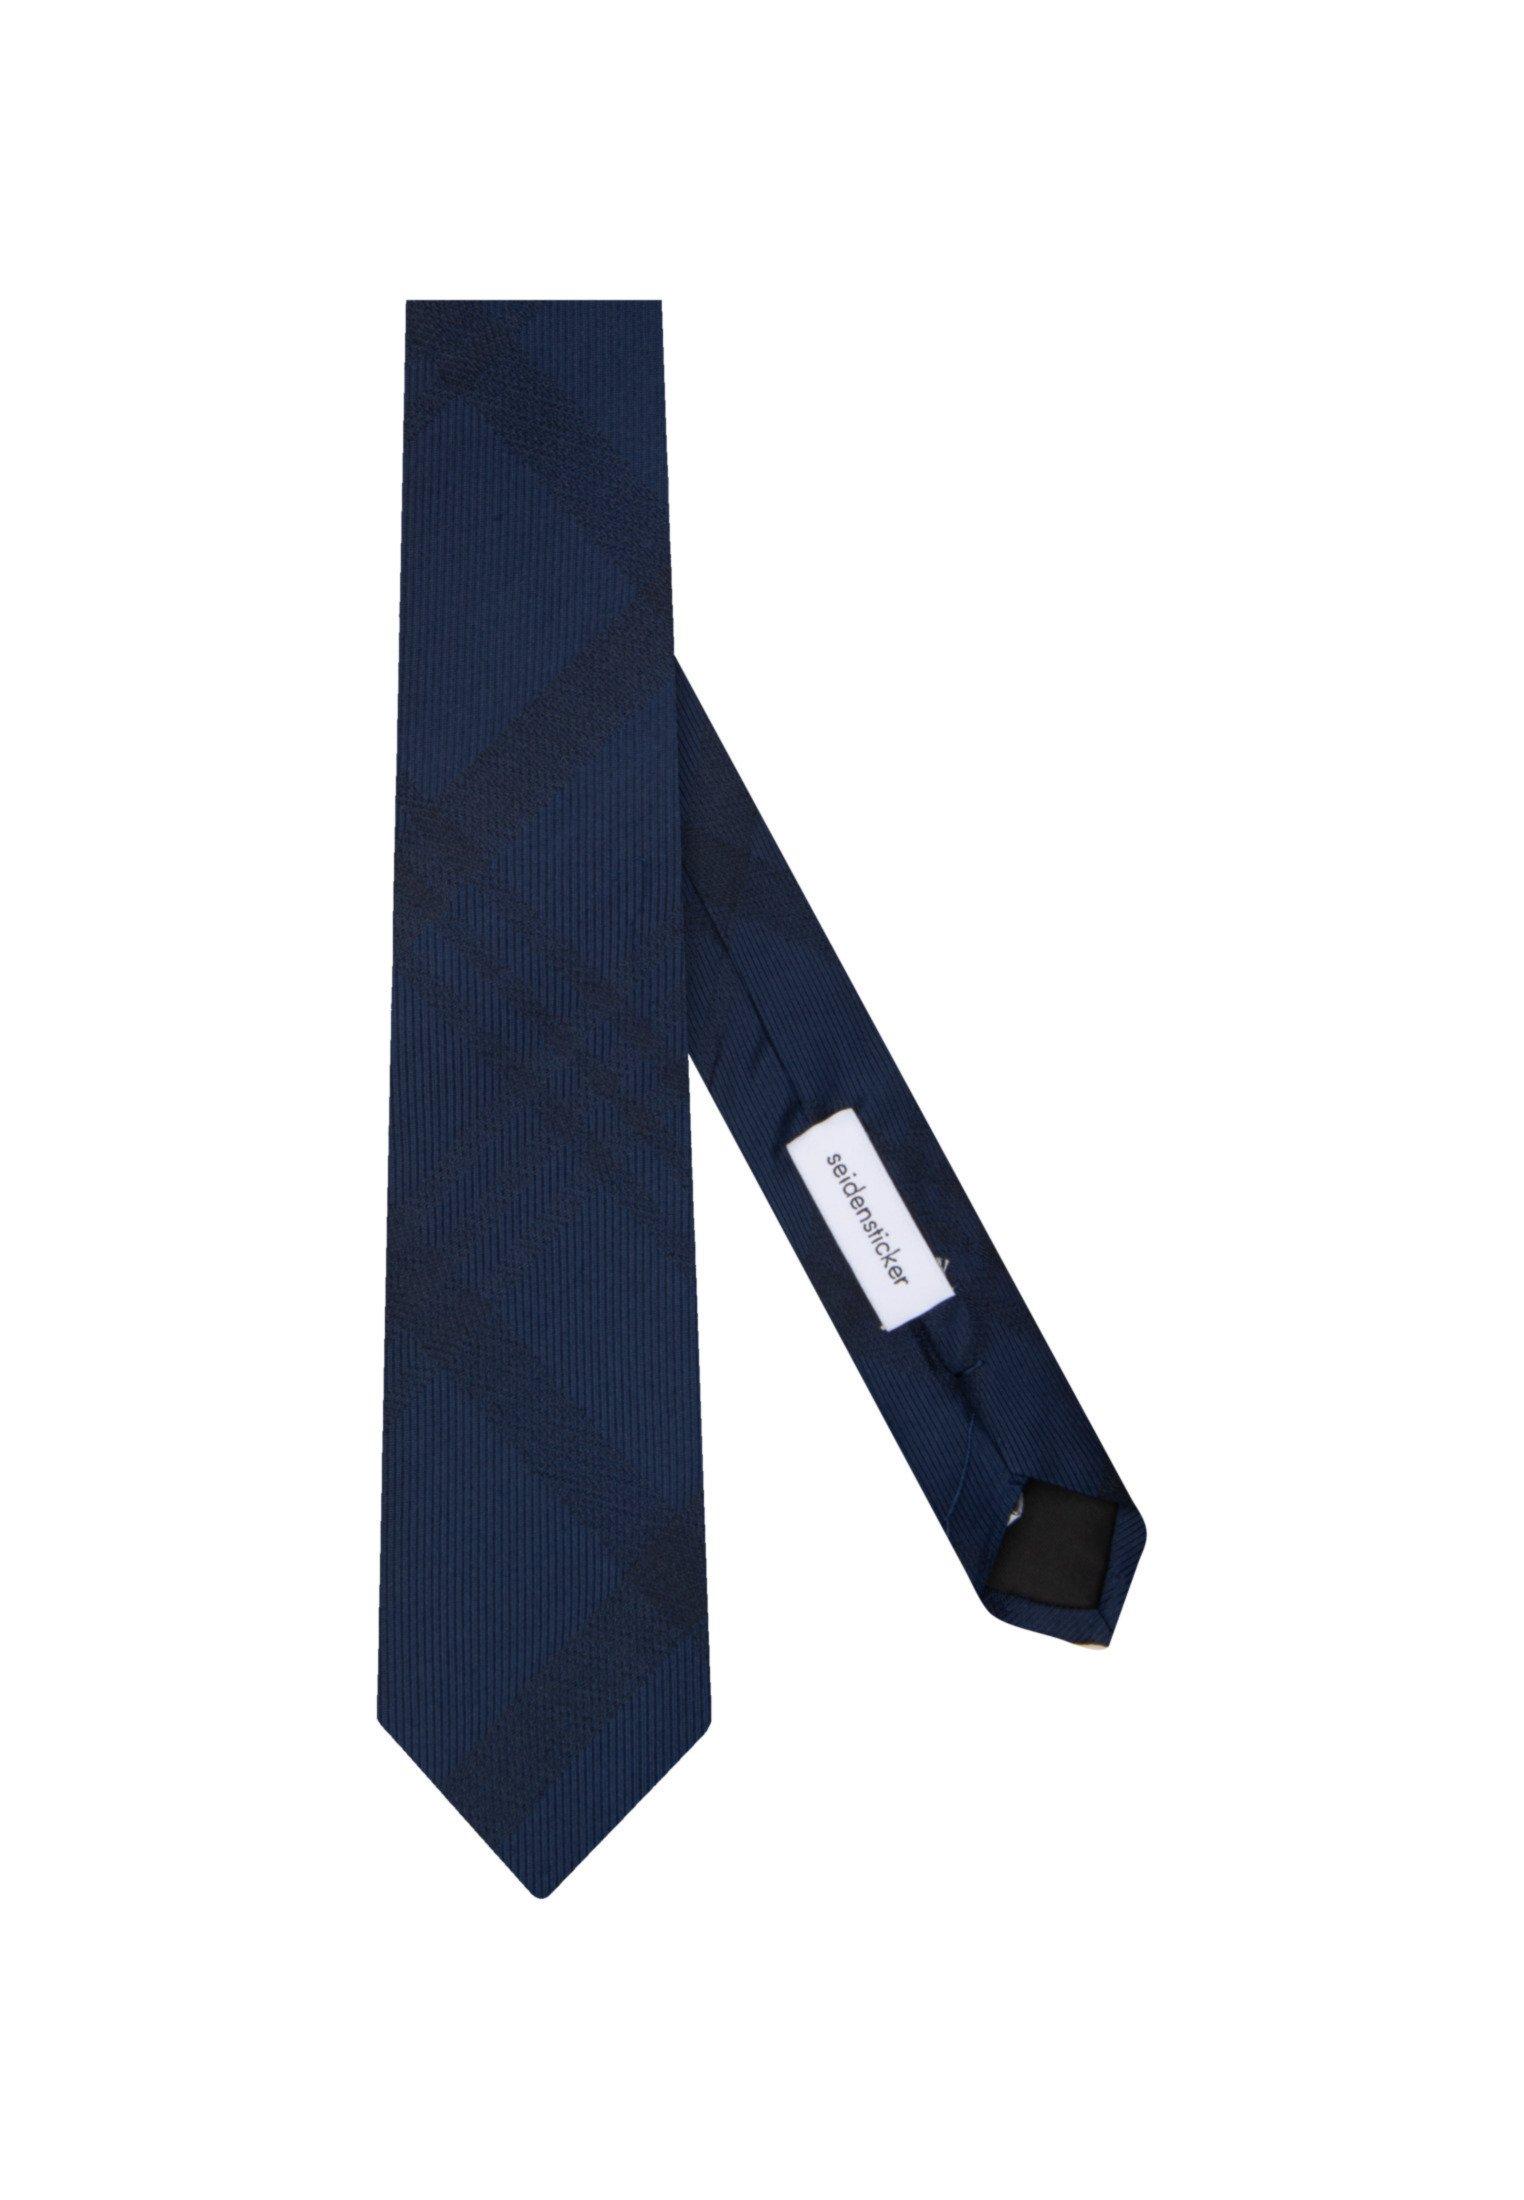 Seidensticker Krawatte - dunkelblau - Herrenaccessoires lAjF9